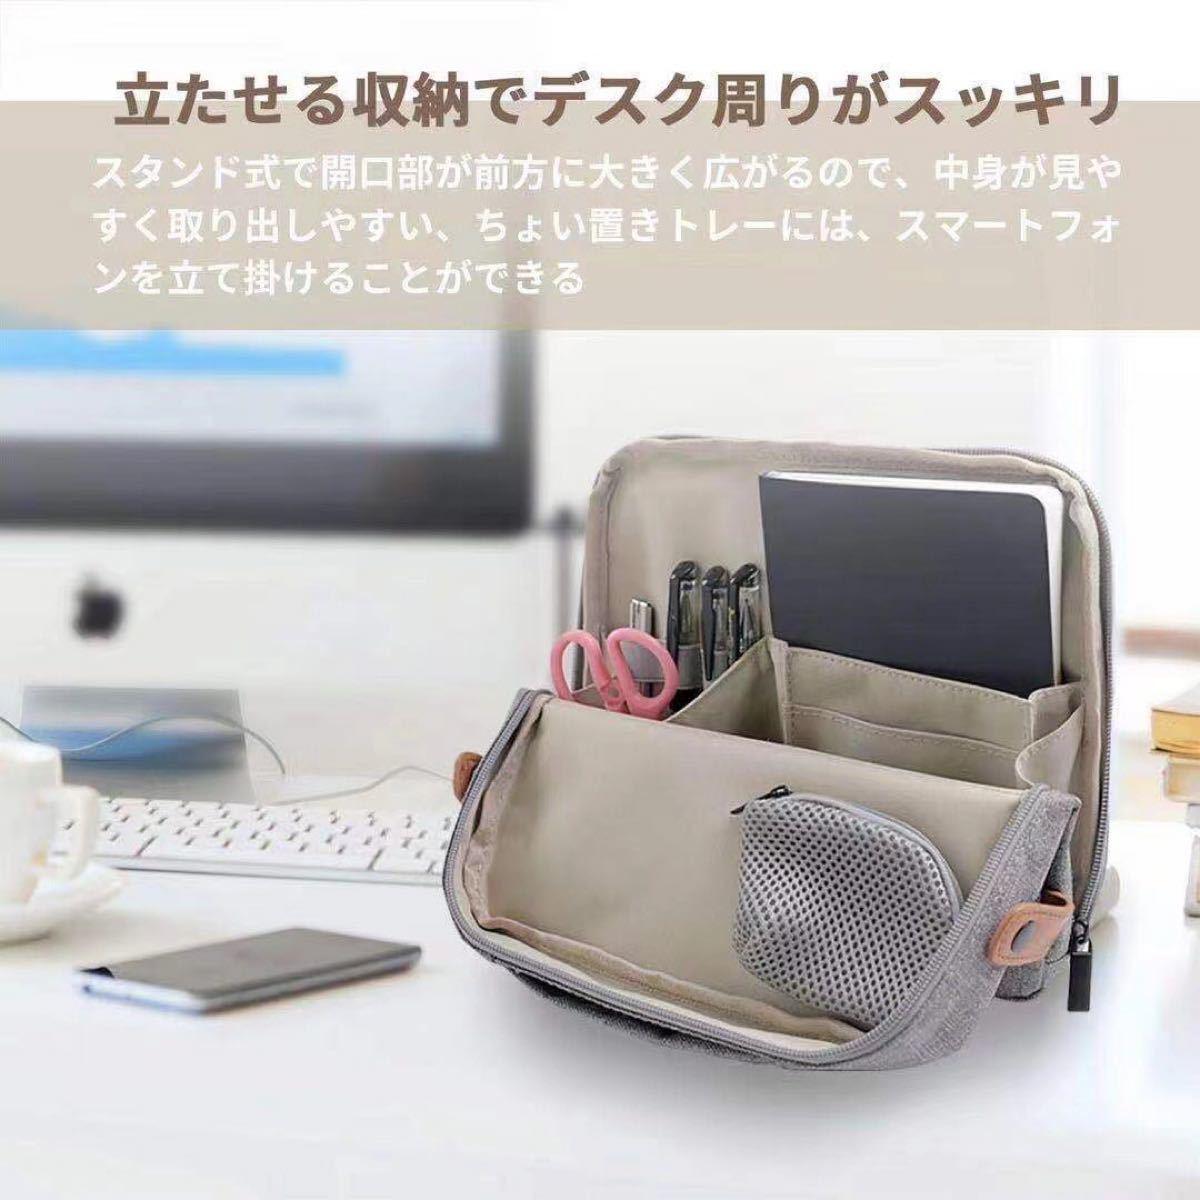 収納バッグ インバッグ 小分け収納 ポーチ 立てる 大容量 多機能 軽量 ブラウン